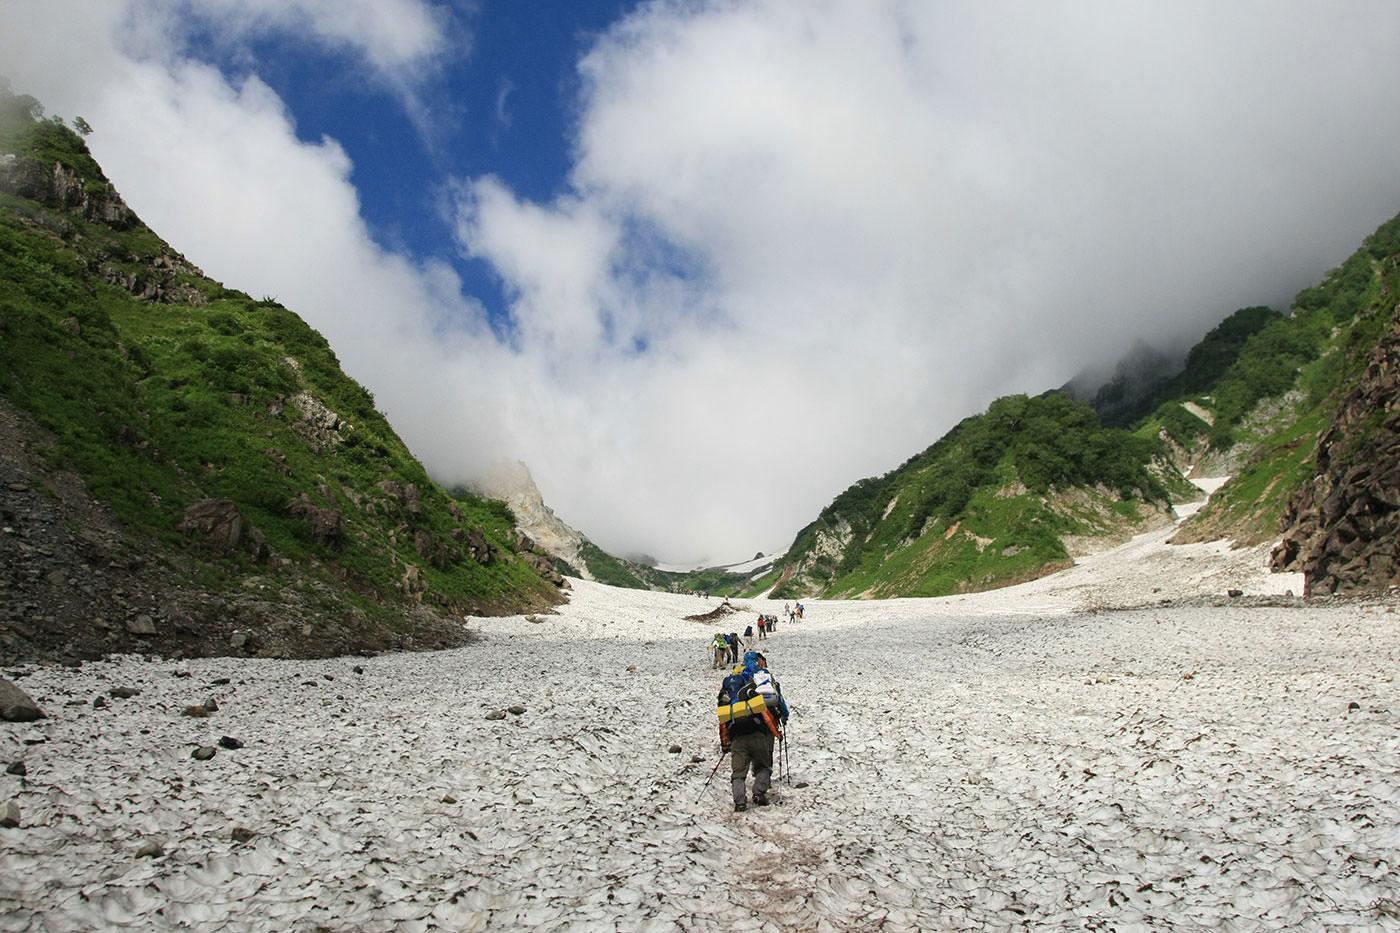 白馬岳といえば大雪渓